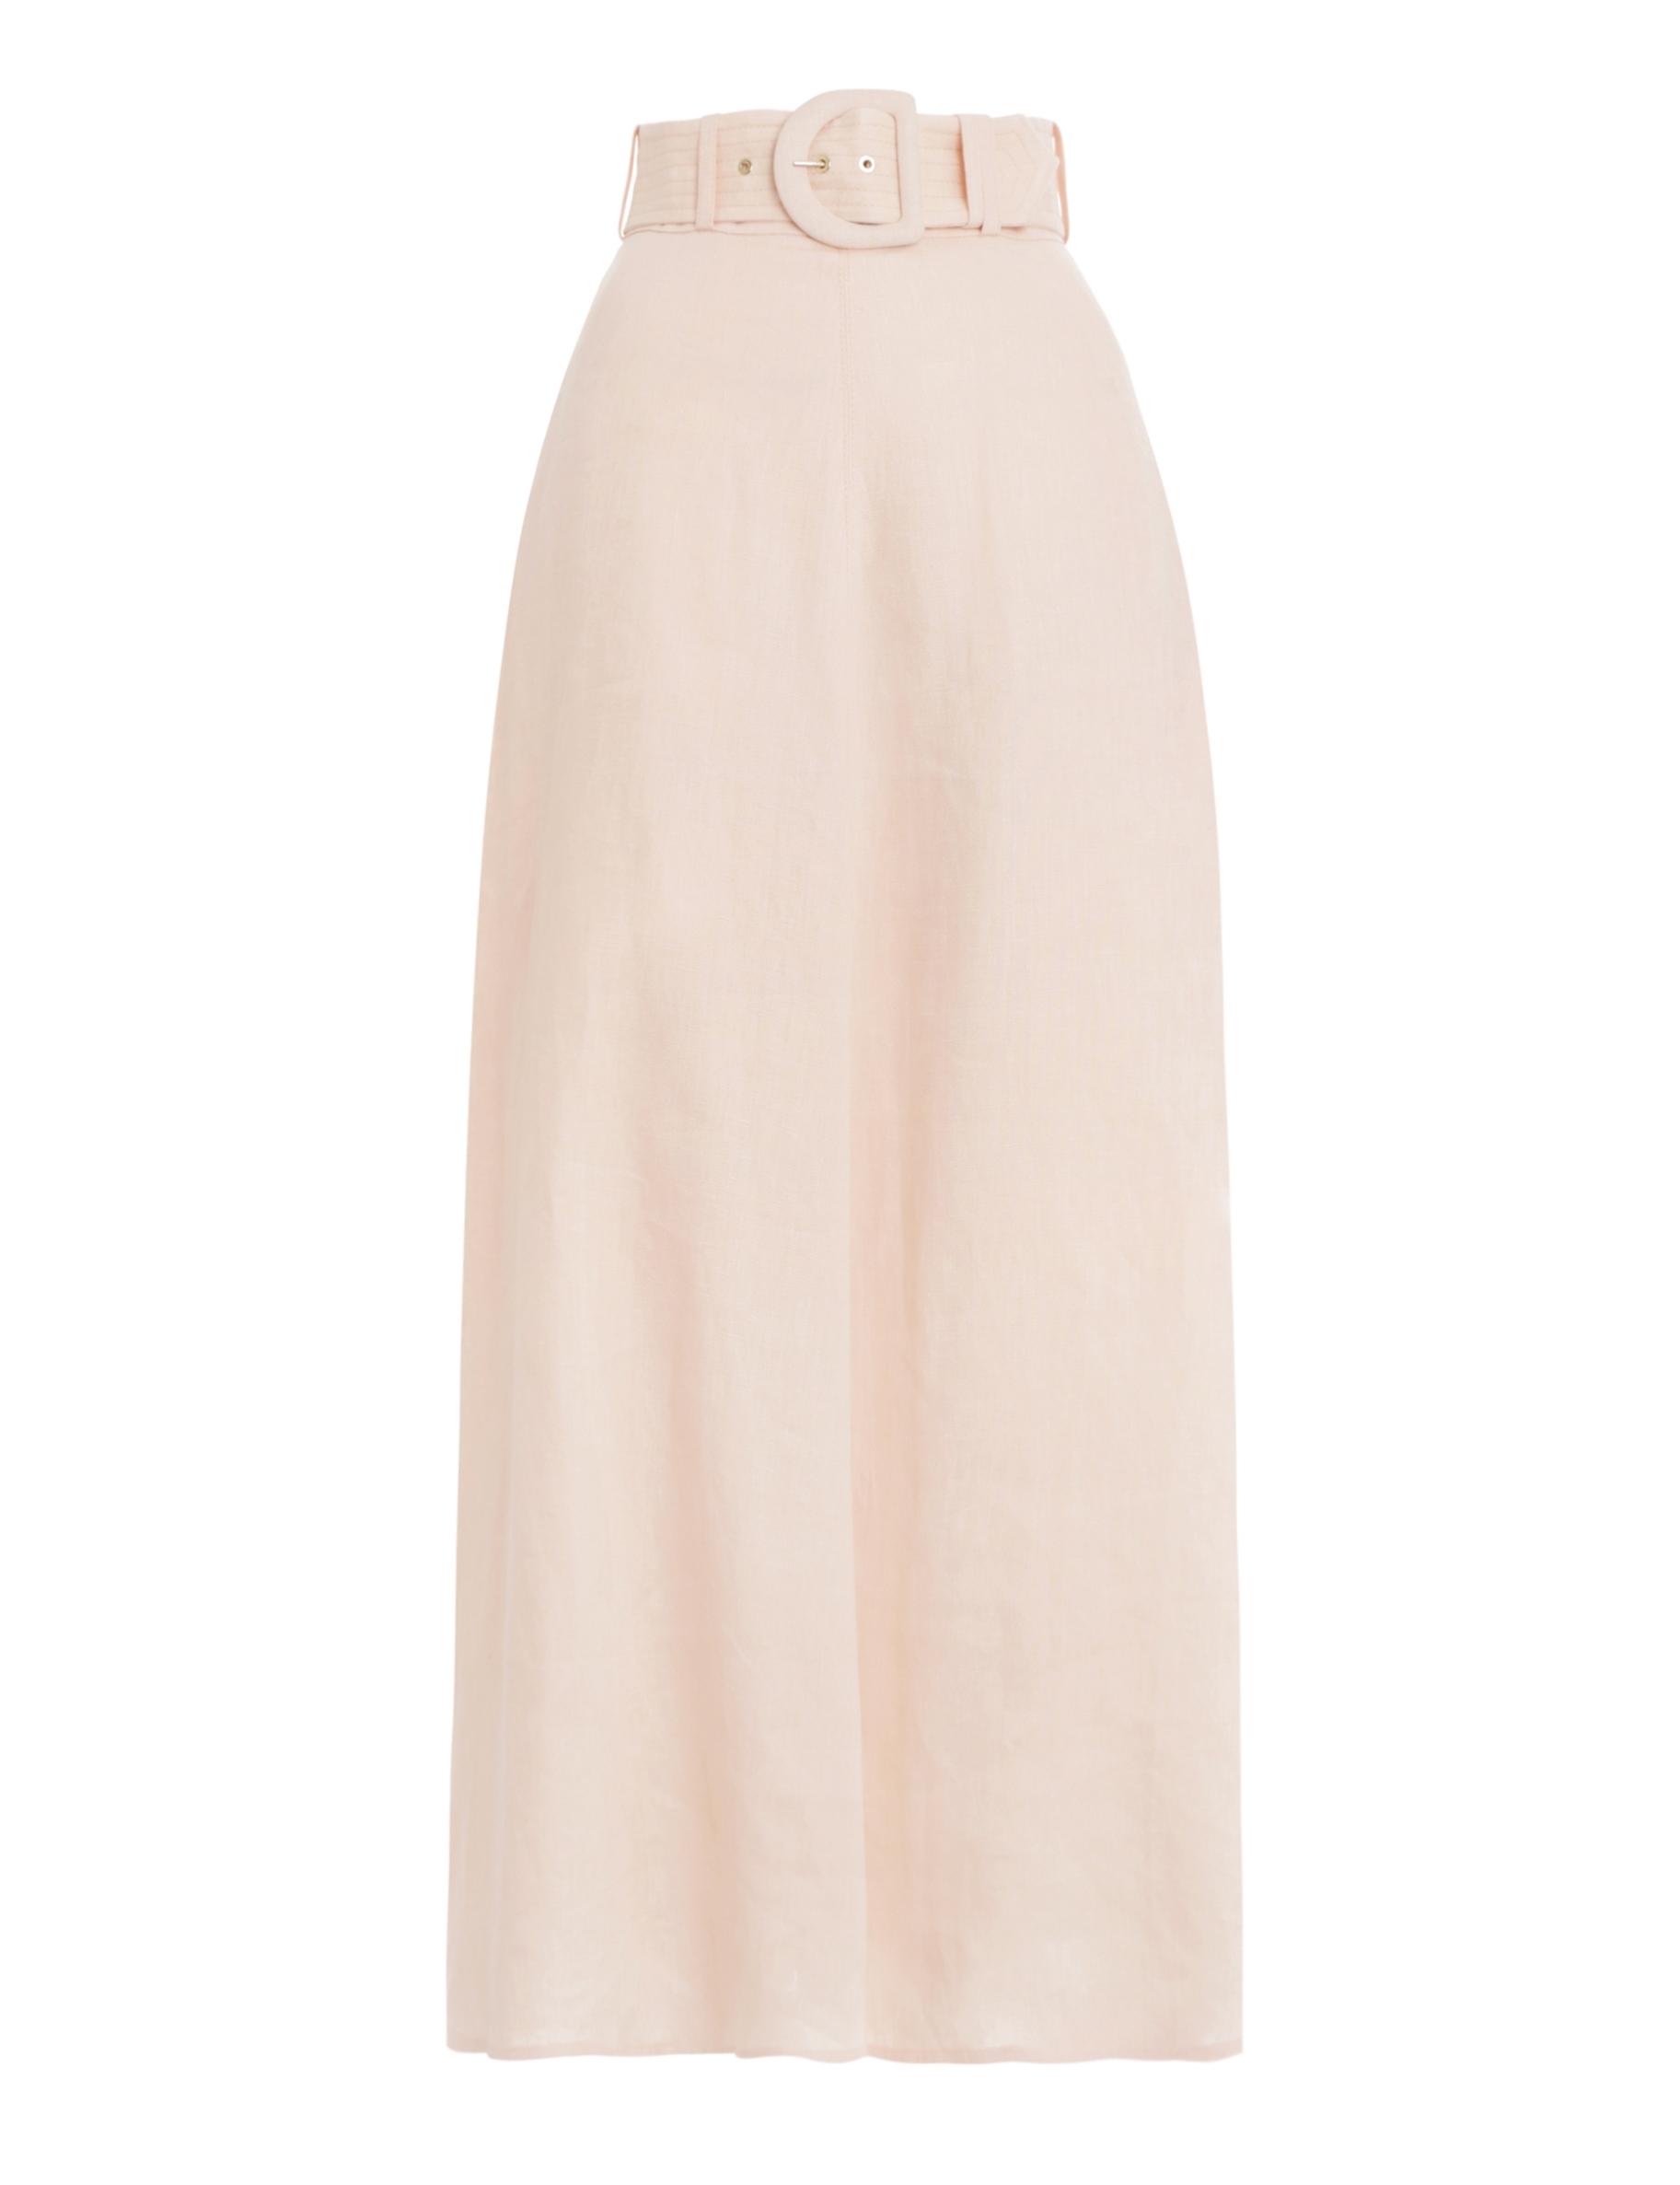 Super Eight Linen Skirt